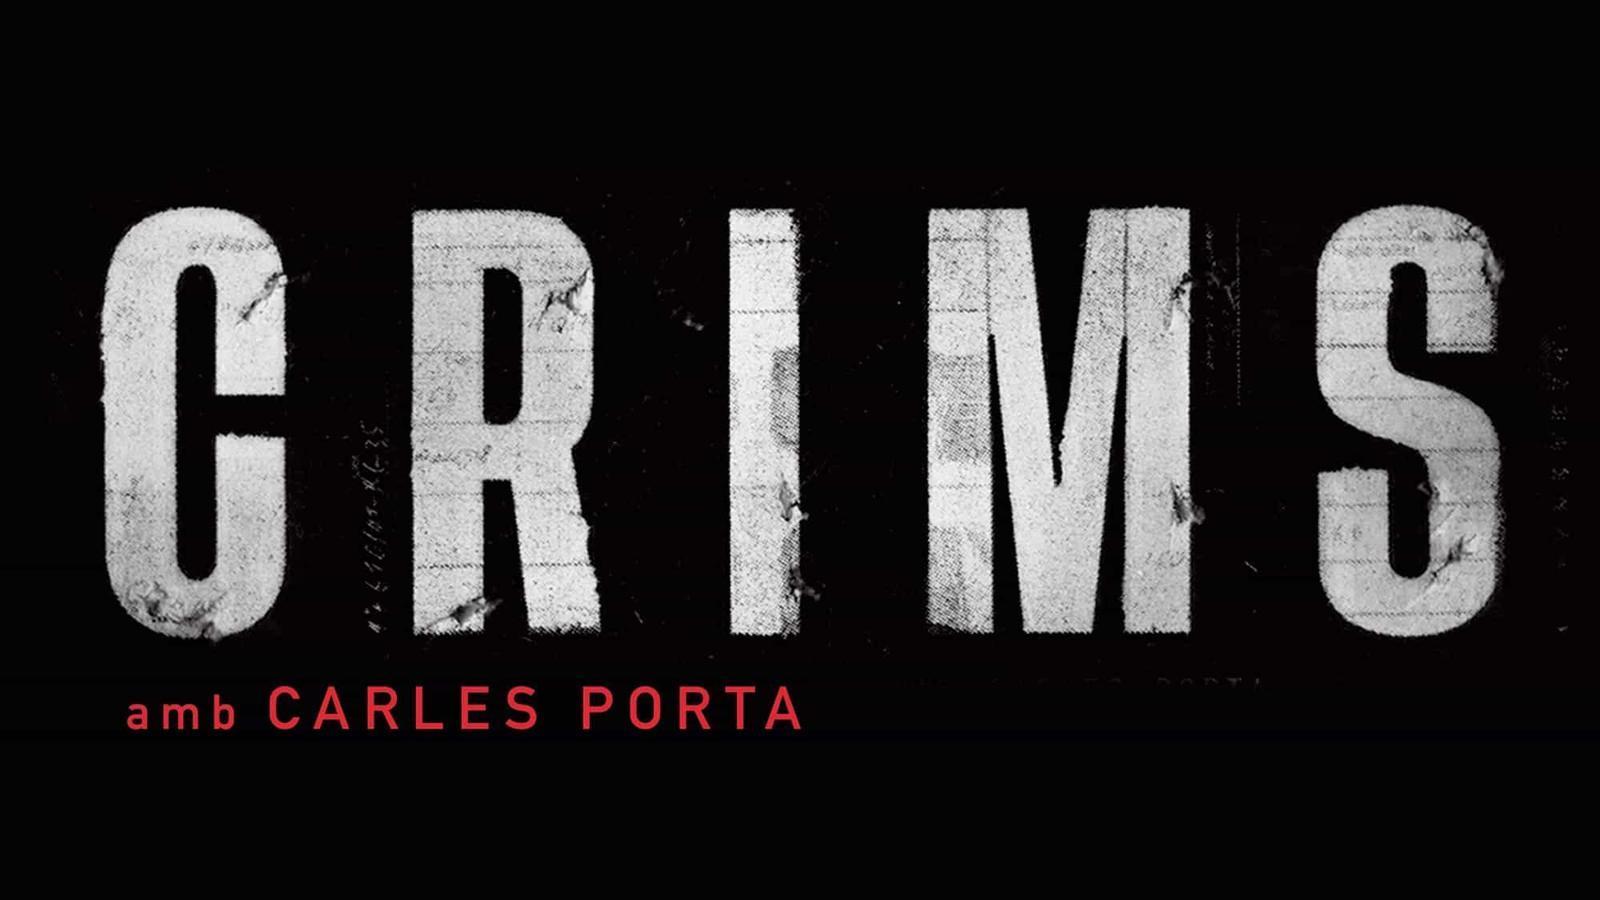 La portada de 'Crims'